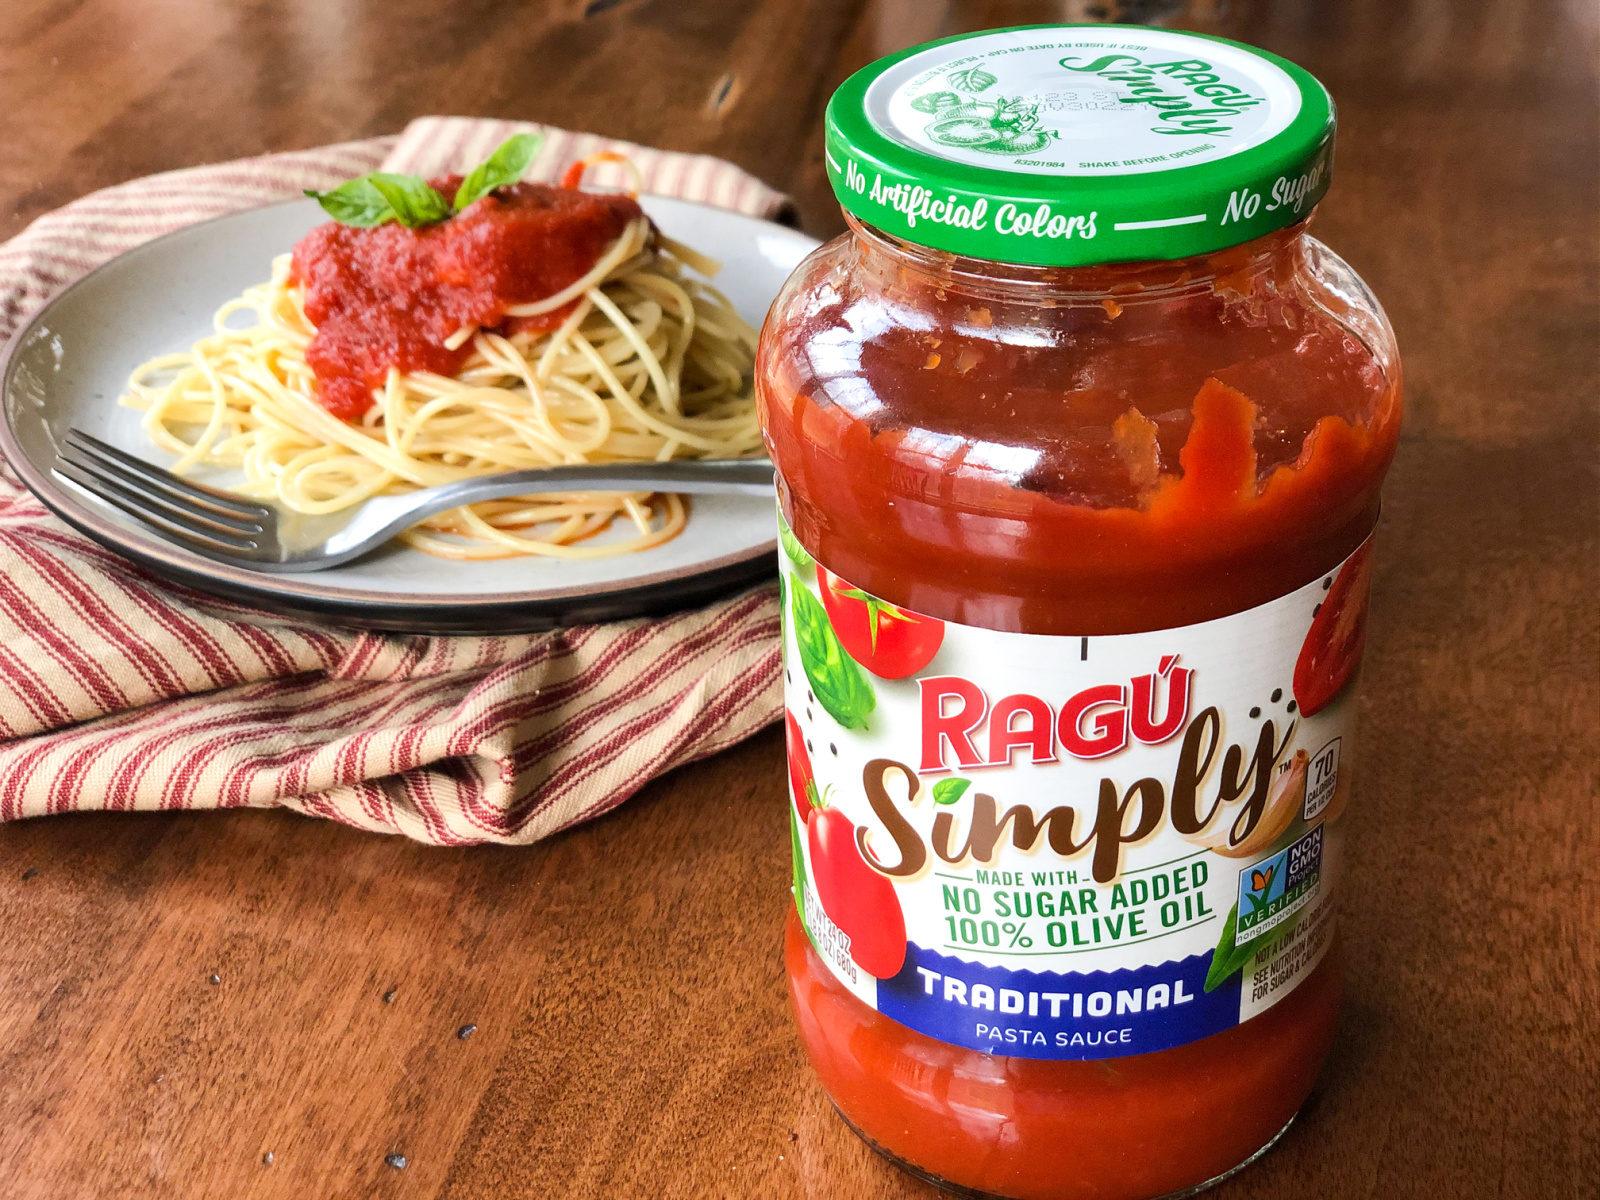 Ragu Pasta Sauce As Low As 52¢ At Publix on I Heart Publix